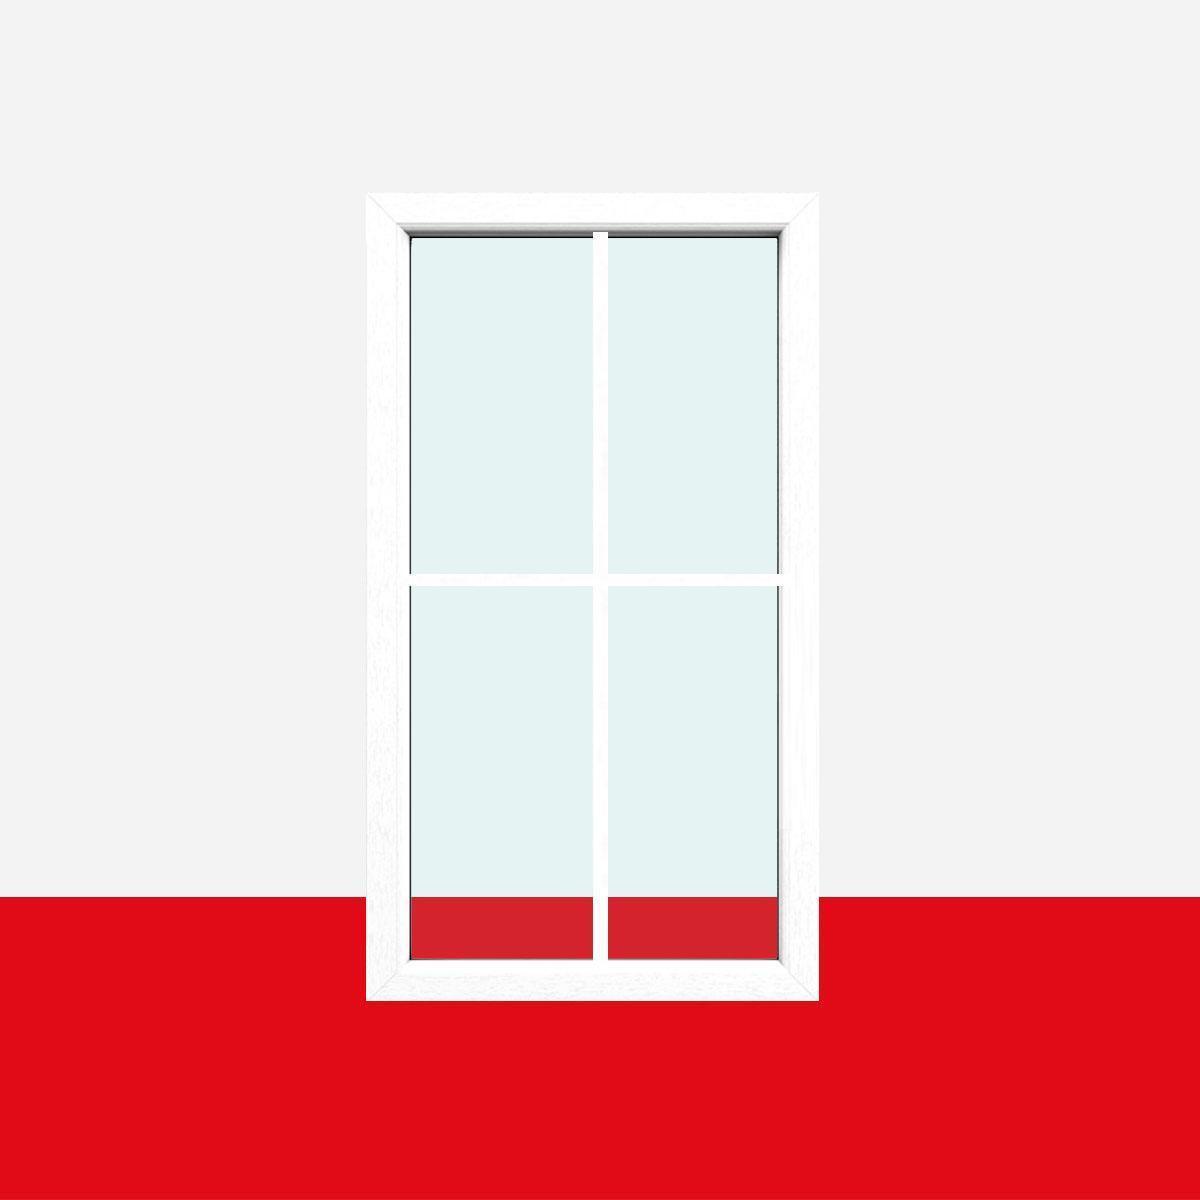 Sprossenfenster Typ 4 Felder Weiß - 1 flg. Festverglasung mit 18mm SZR Sprosse